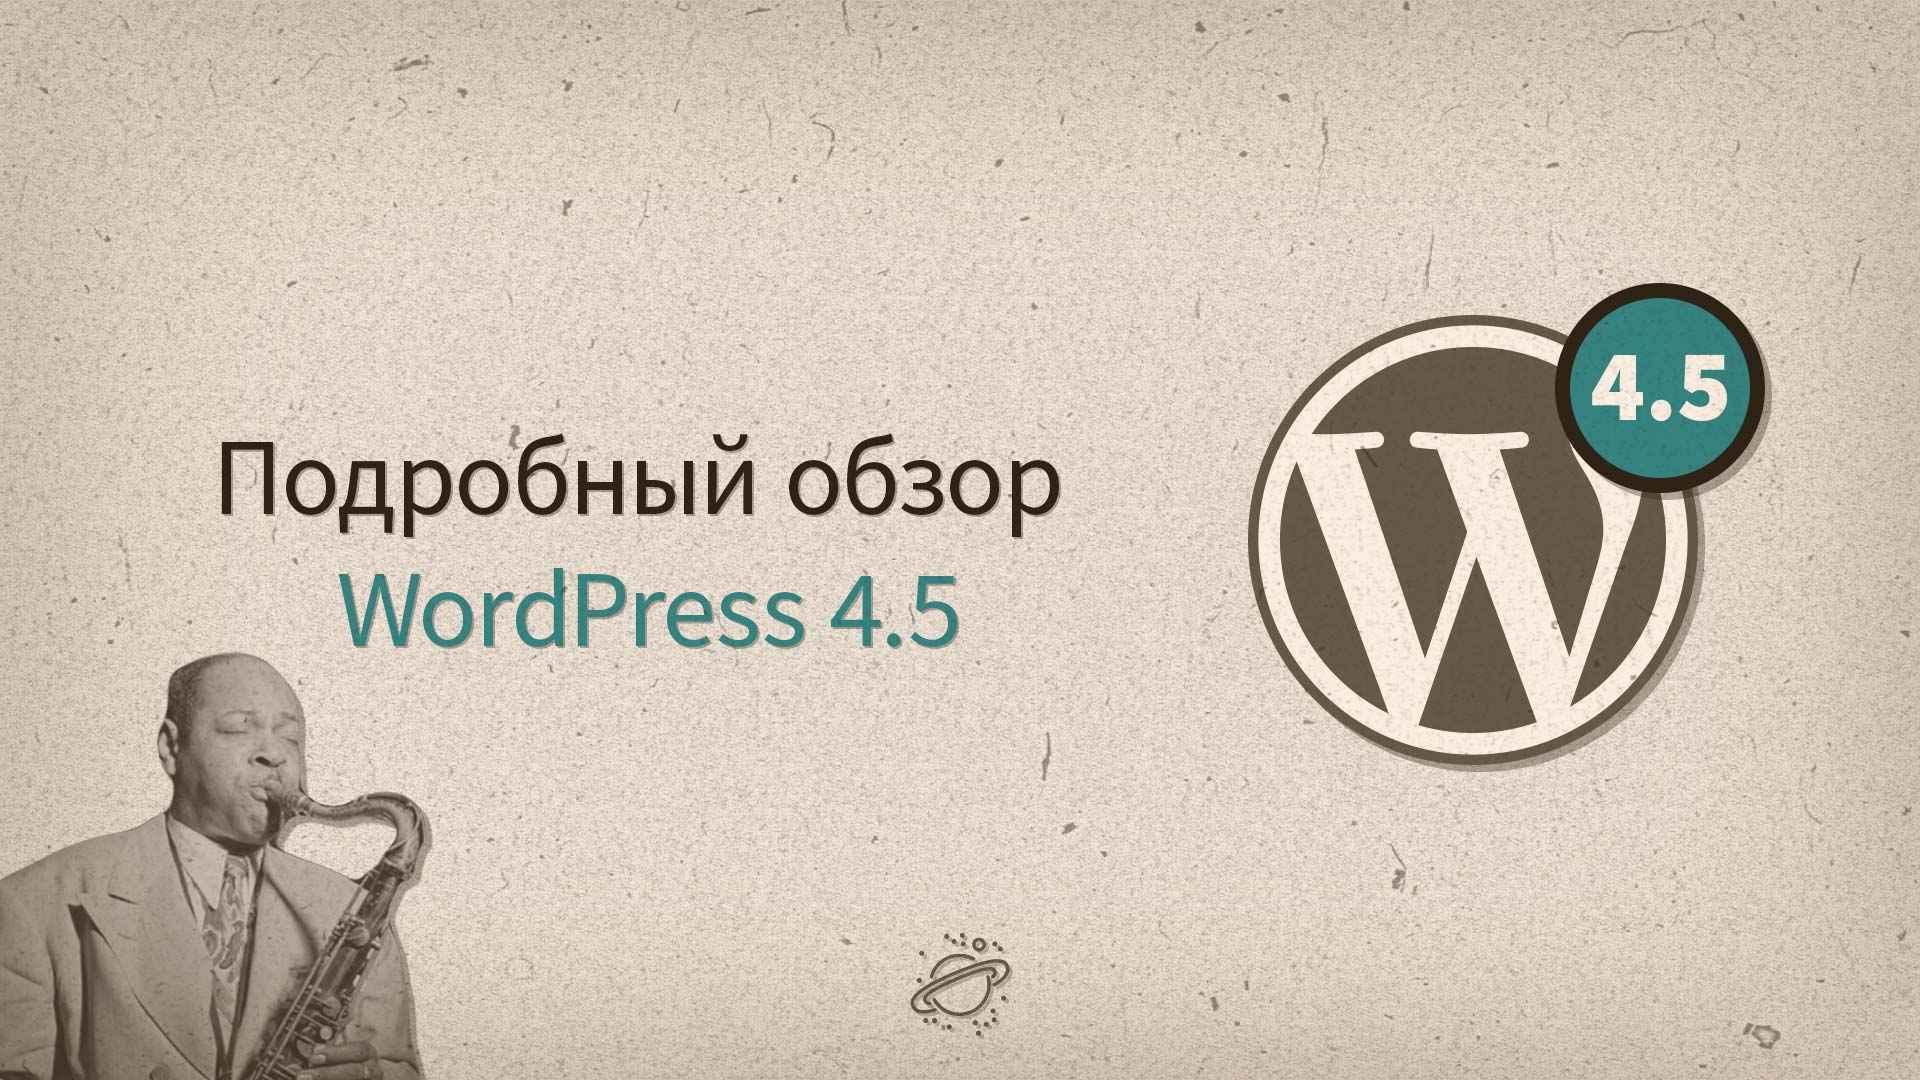 WordPress 4.5 «Coleman», подробный обзор